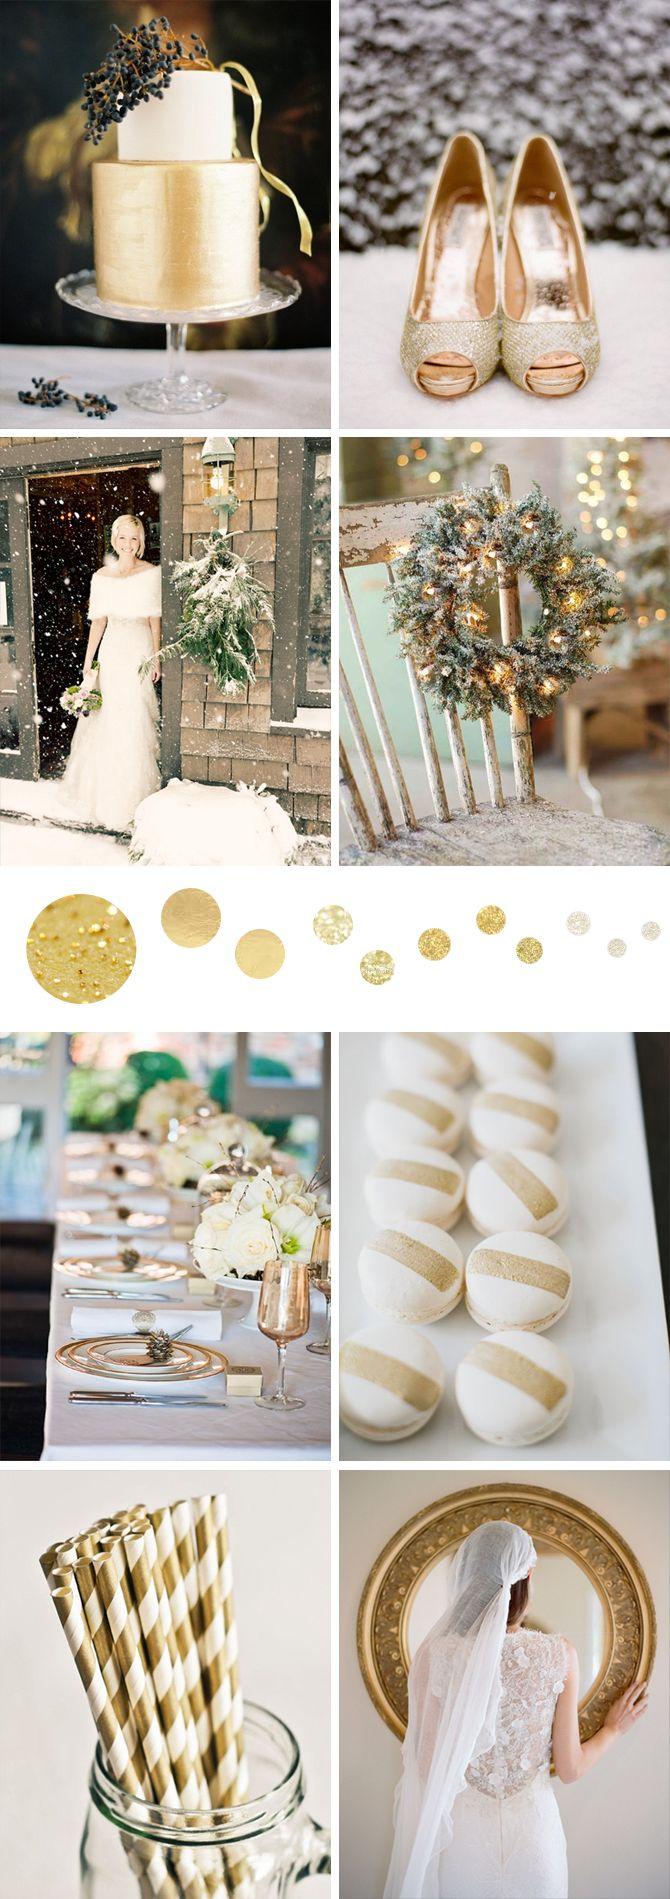 Winter white and gold board | via Originální Svatba